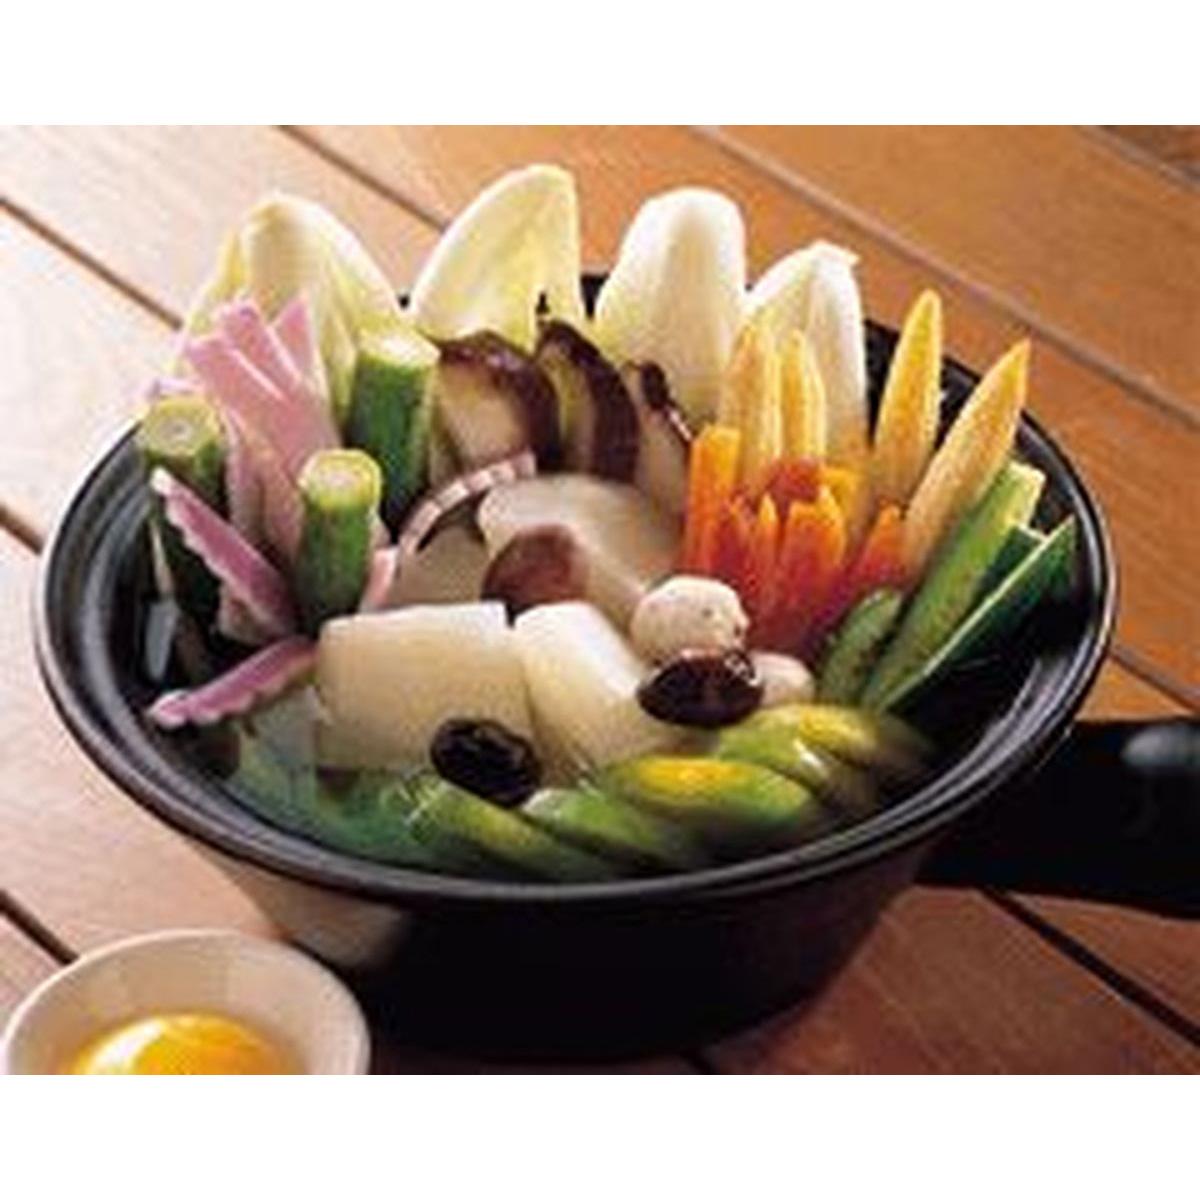 食譜:蔬菜火鍋